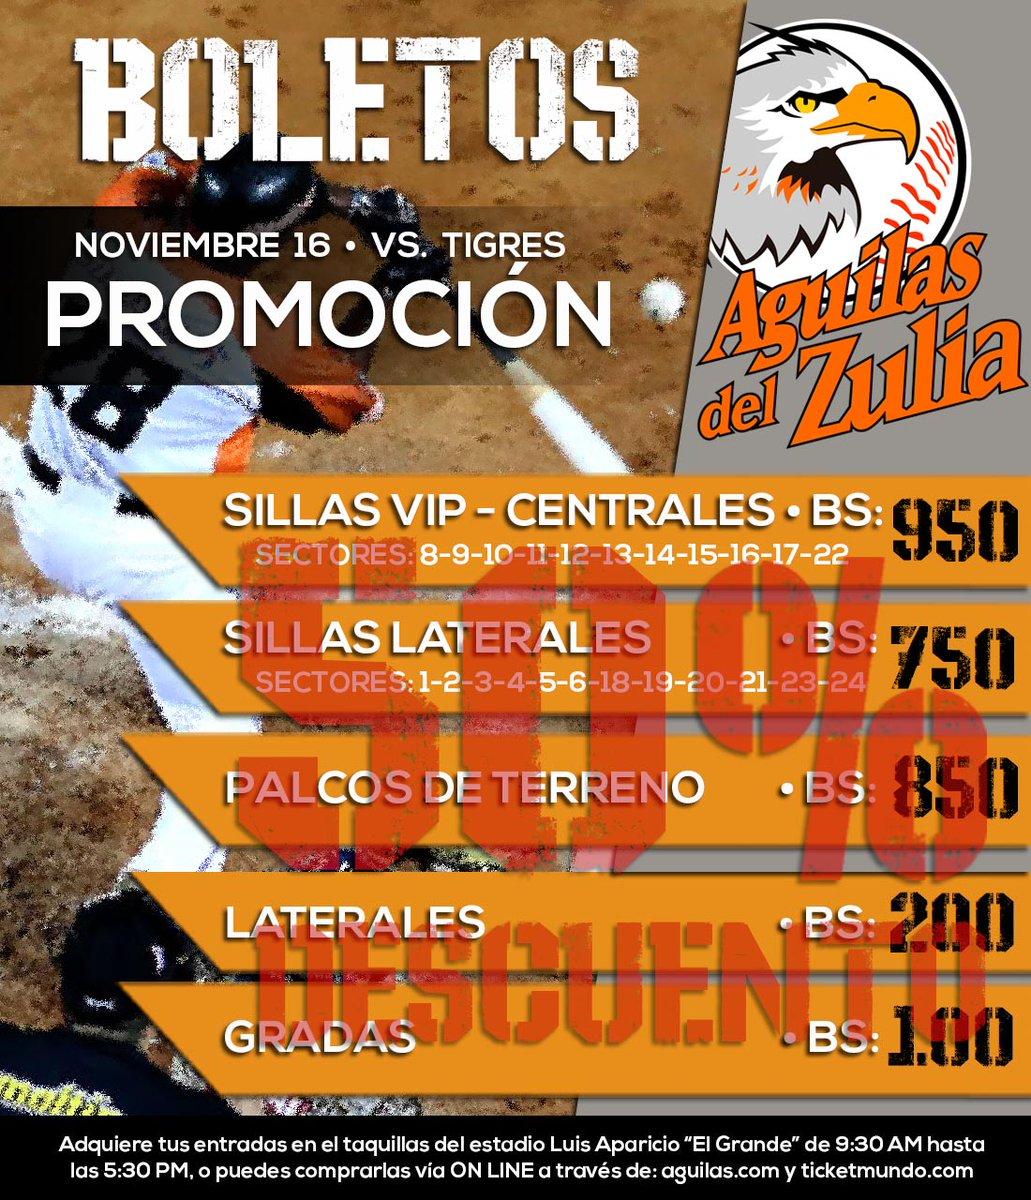 ¡ATENCIÓN AGUILUCHOS! Para el primer juego de la serie vs. Tigres (16/11) tendremos un 50% de DESCUENTO en TODAS las localidades. . Adquiere tus entradas en las taquillas del Luis Aparicio